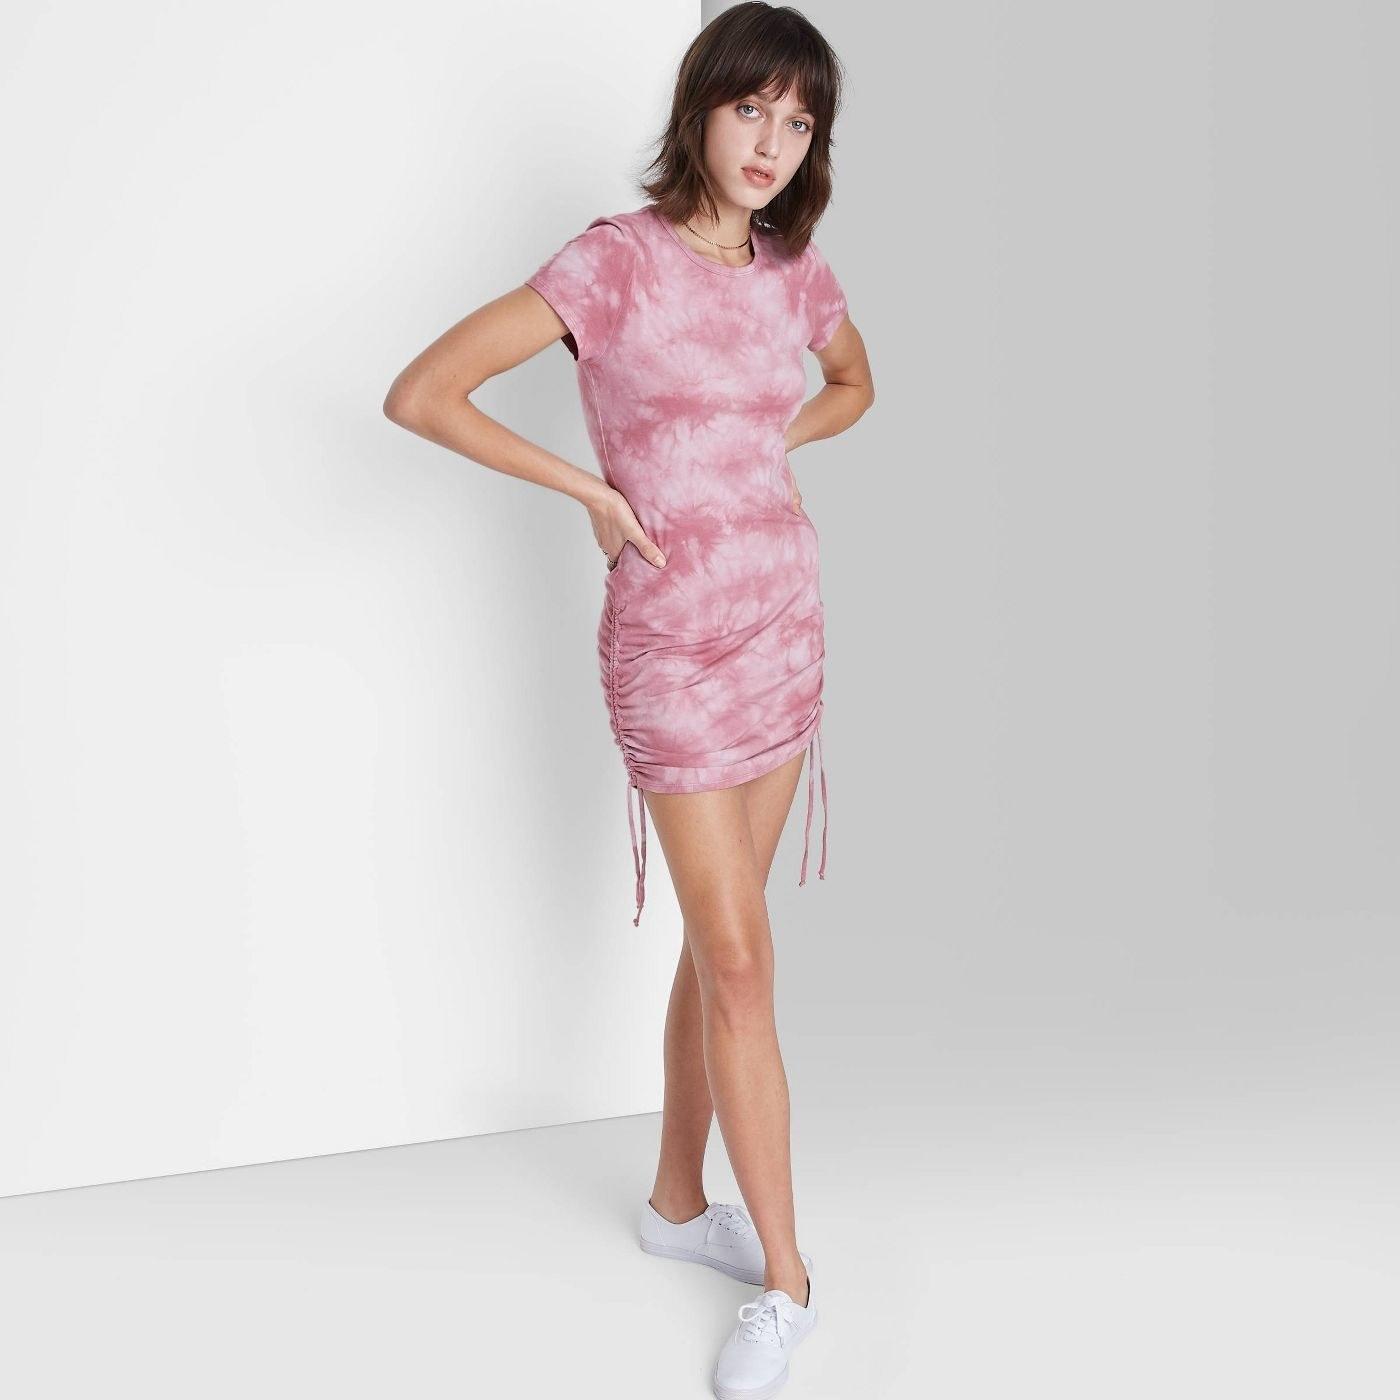 Model wearing pink mini tie dye dress